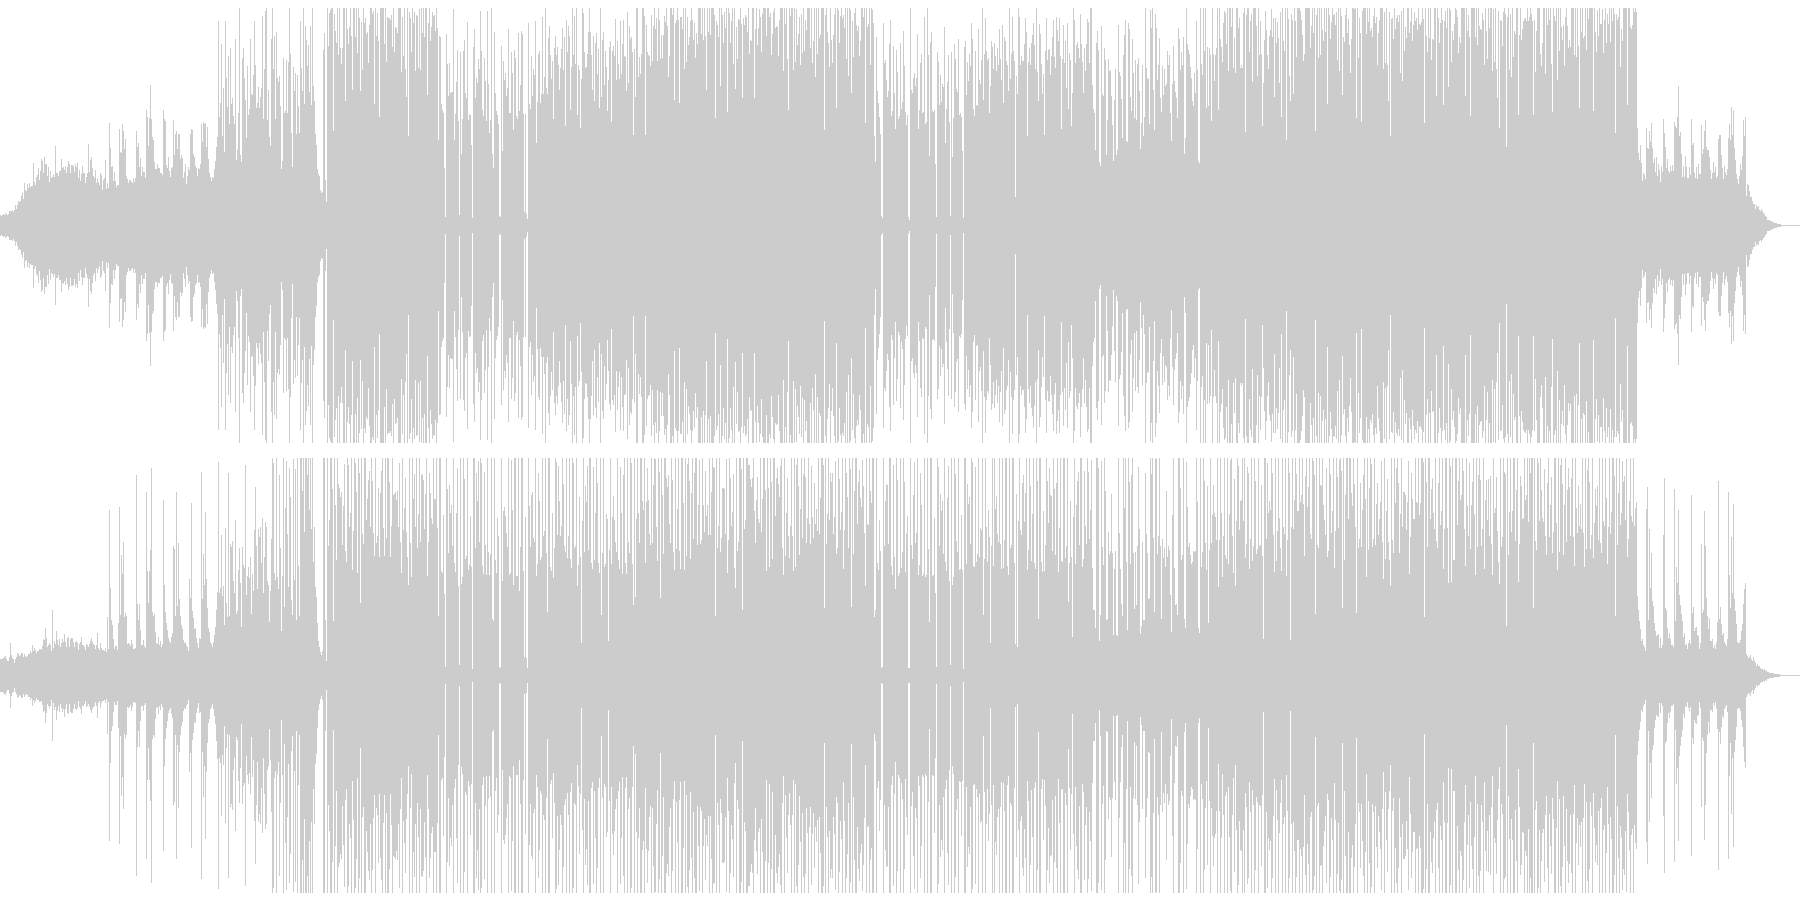 おしゃれで不思議なエレクトロダンスポップの未再生の波形